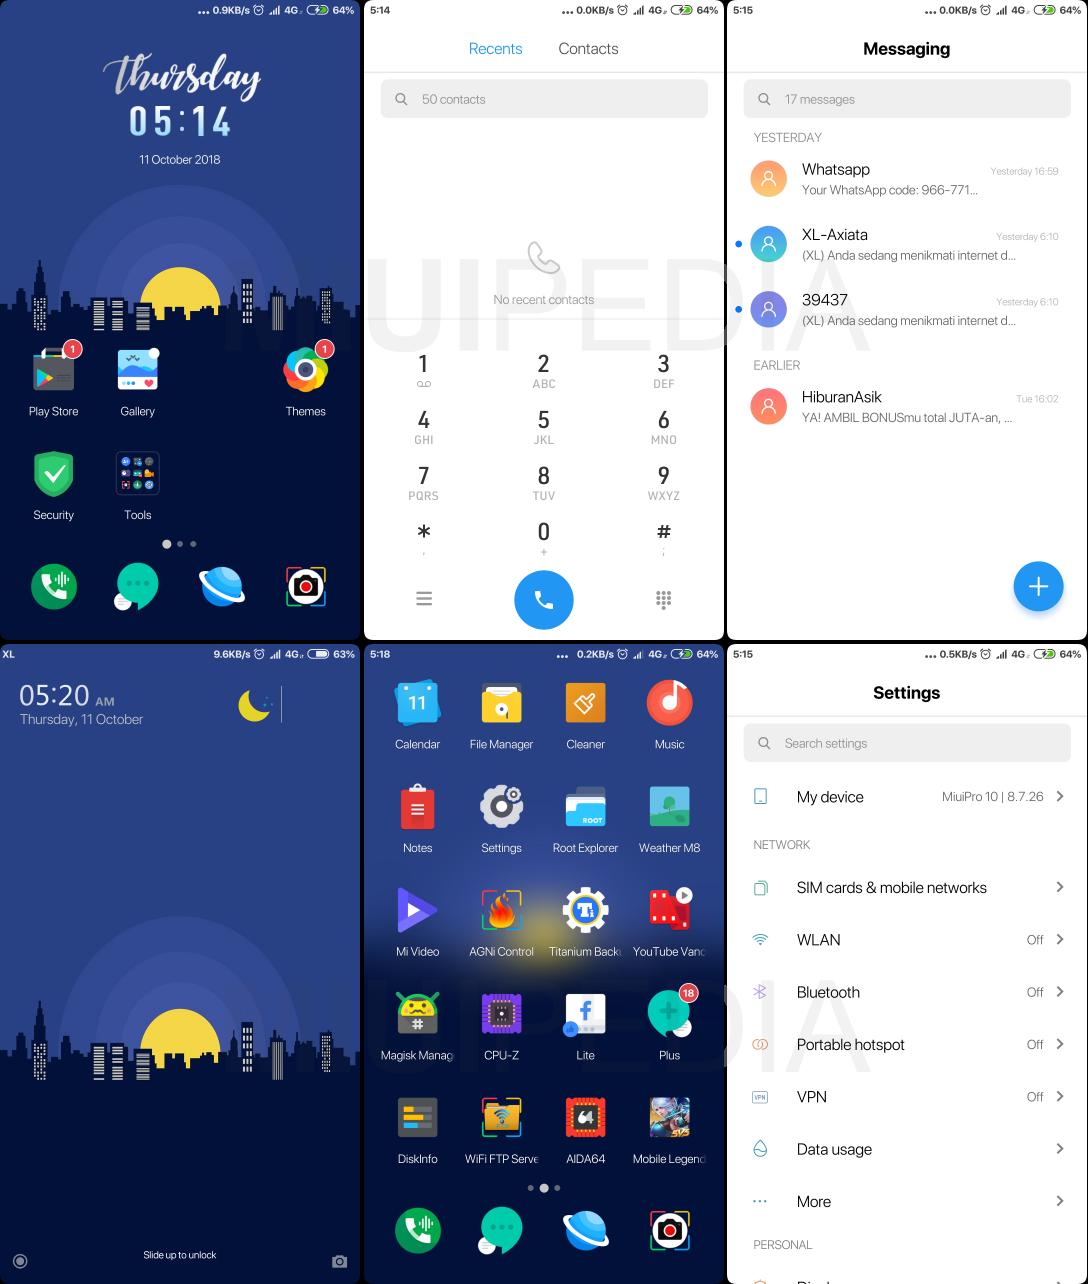 Download Tema Parallel Light With Blur Wallpaper + Cara Mengatasi tidak dapat memuat sumber tema ( Link Theme Store )